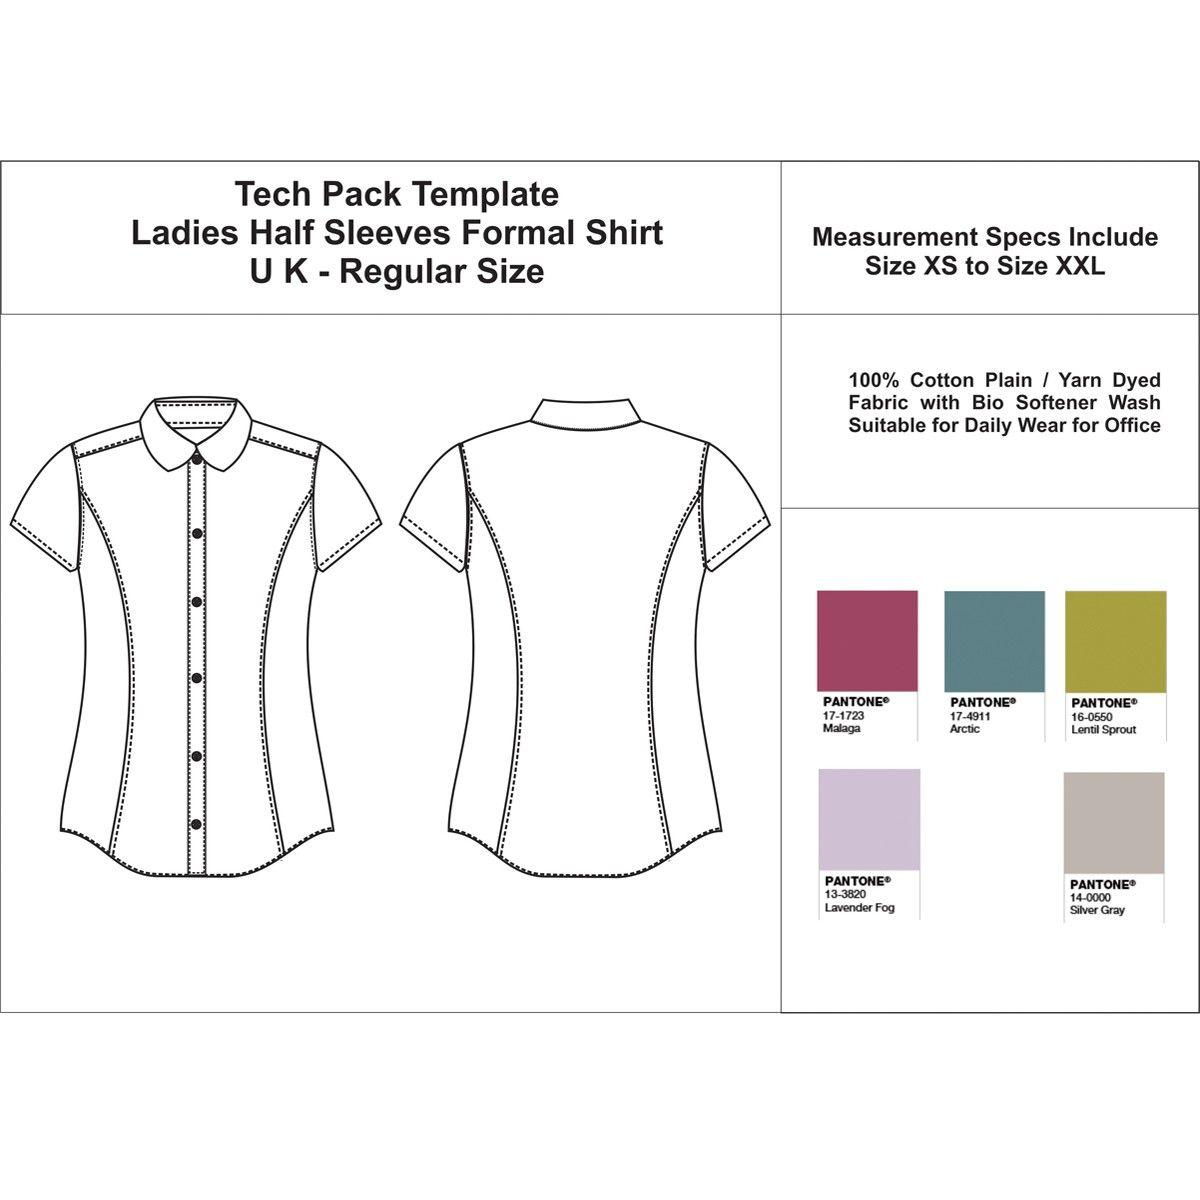 Shirt design template size - Ladies Half Sleeves Formal Shirt Uk Regular Size